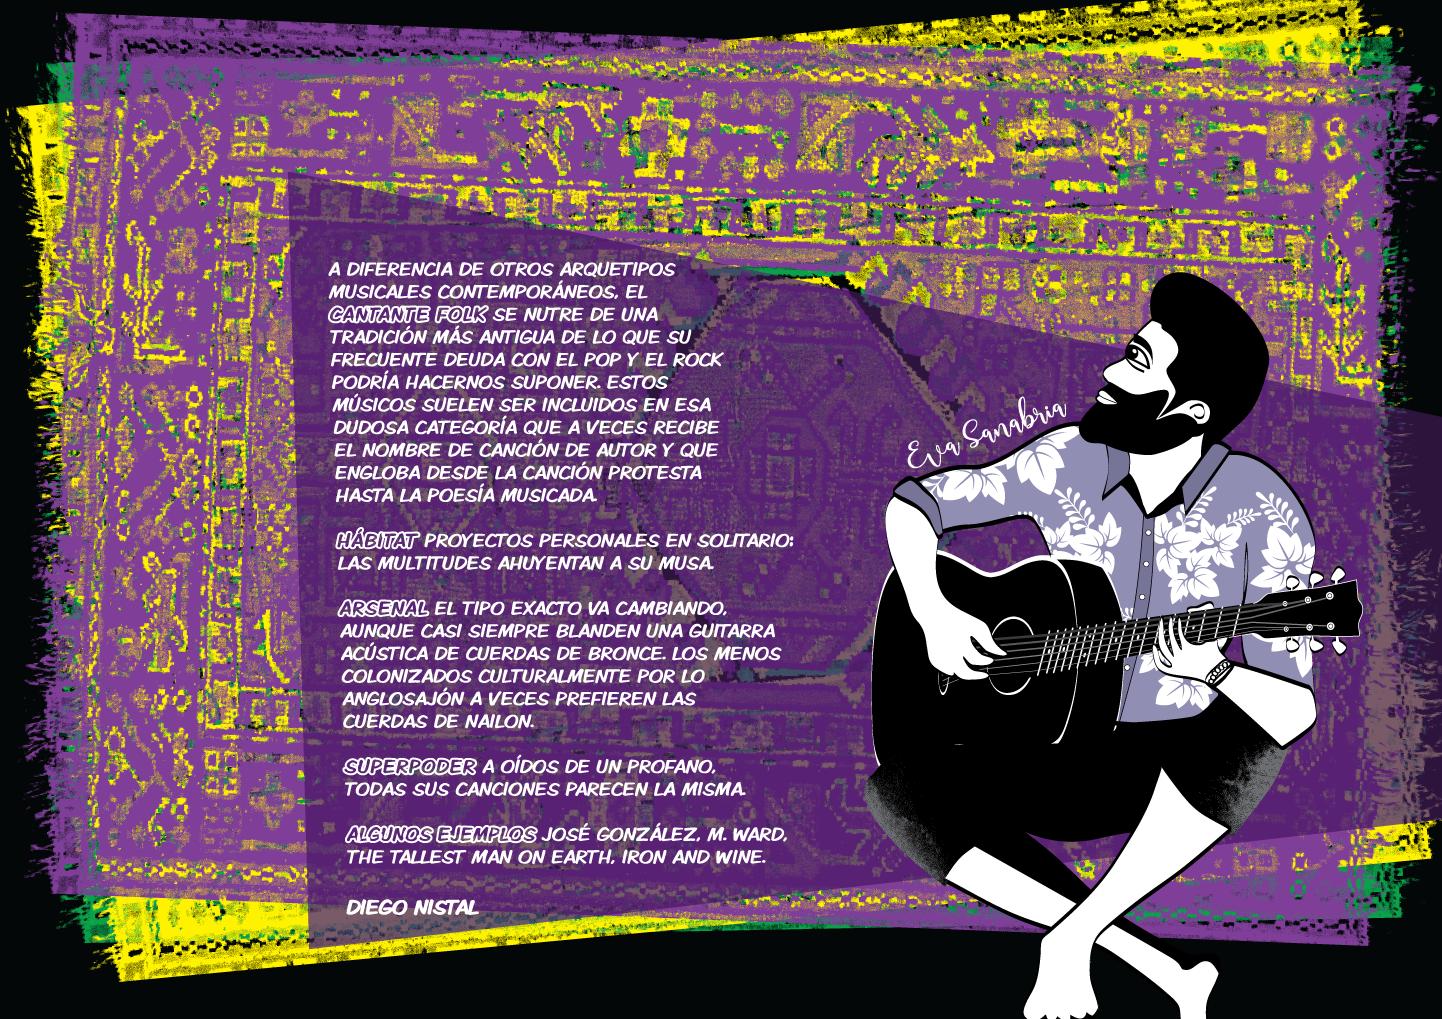 Alfombrario pop: cantante folk - Ilustración: Eva Sanabria